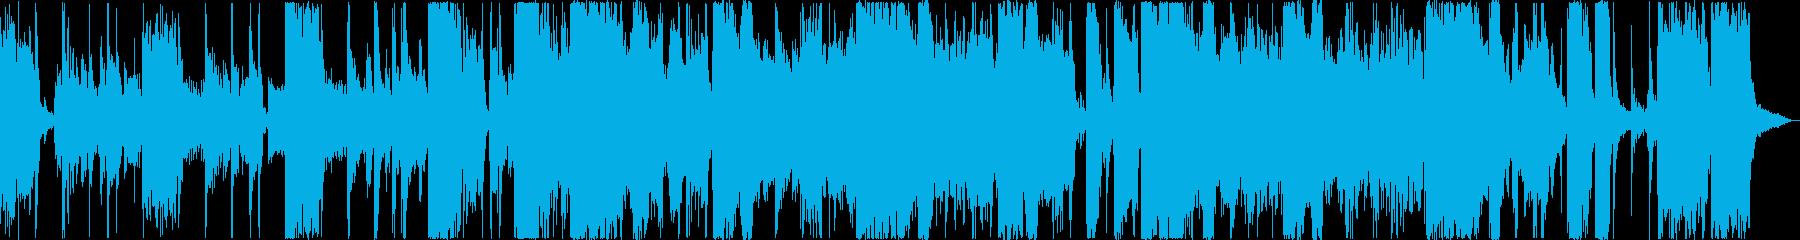 クールでゆったりとしたファンクトラックの再生済みの波形